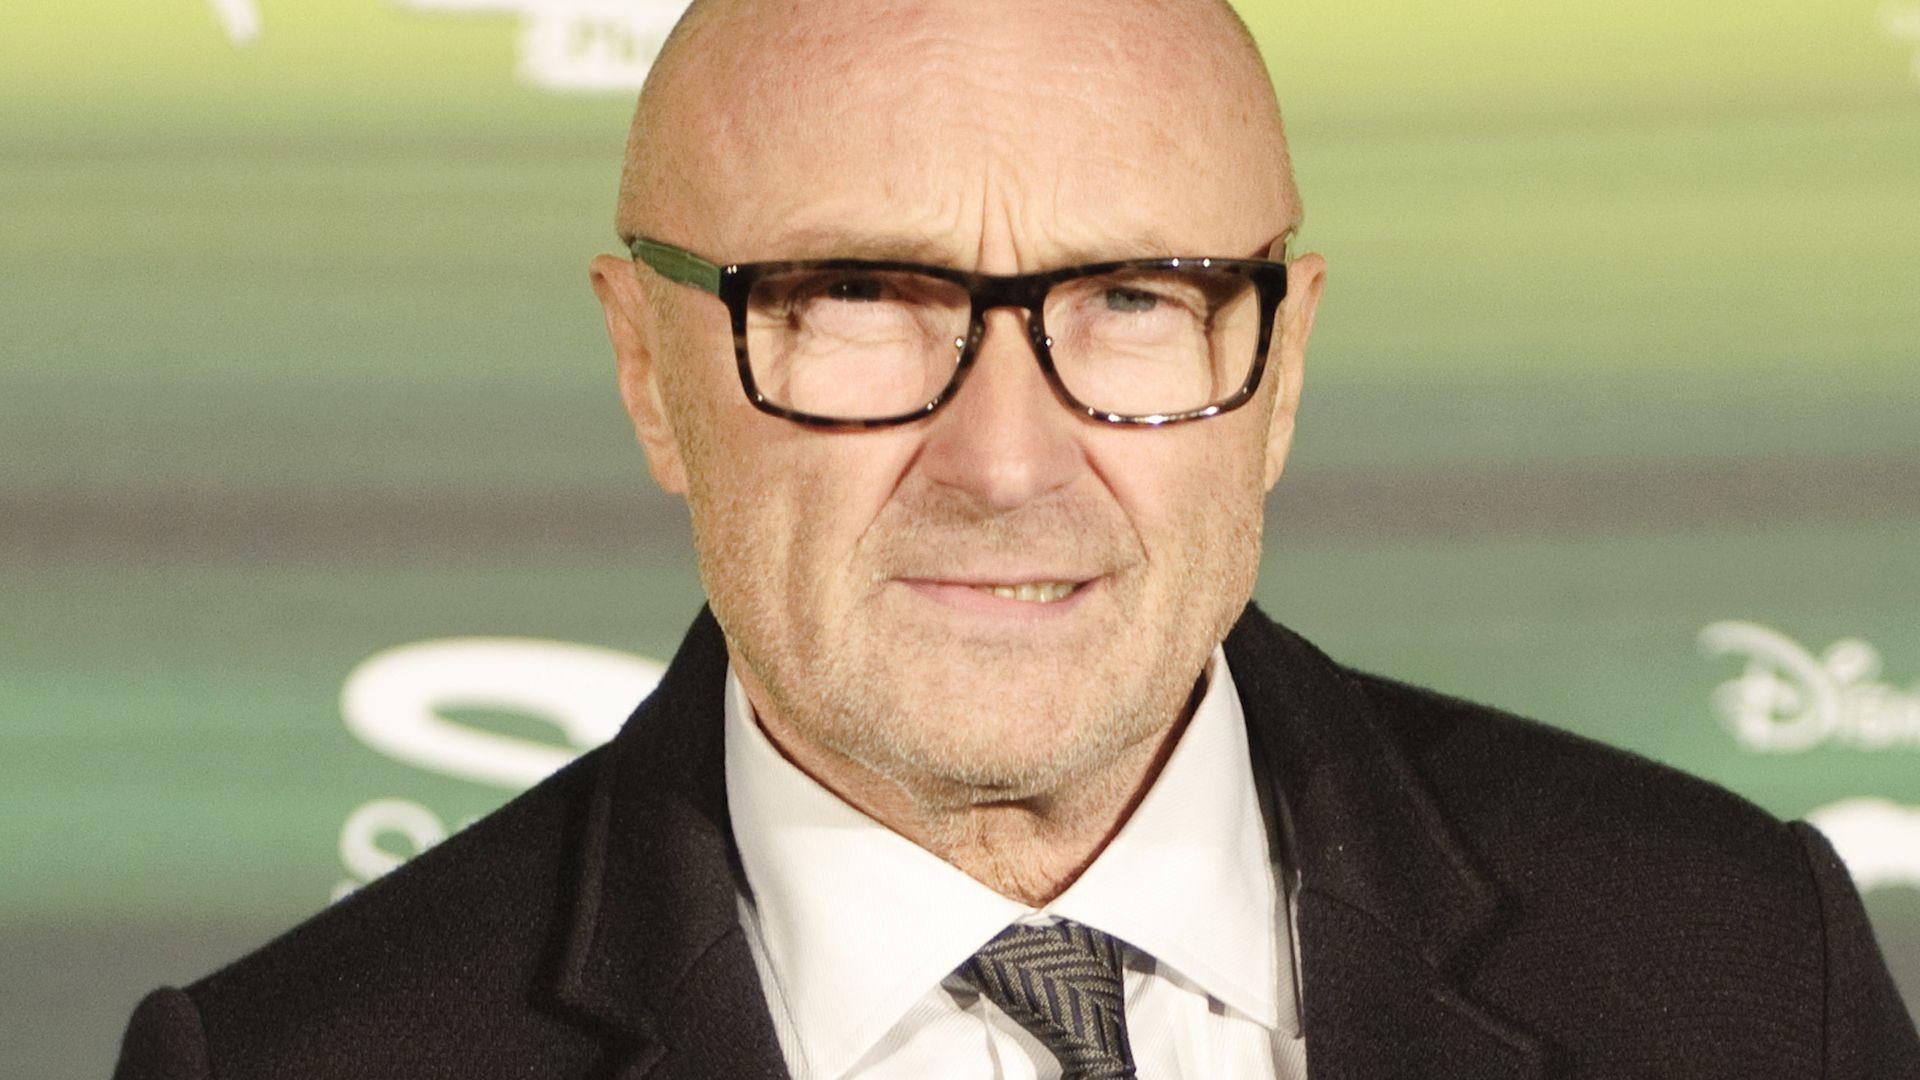 Krasse Beichte: <b>Phil Collins</b> fast immer betrunken - phil-collins-guckt-ernst